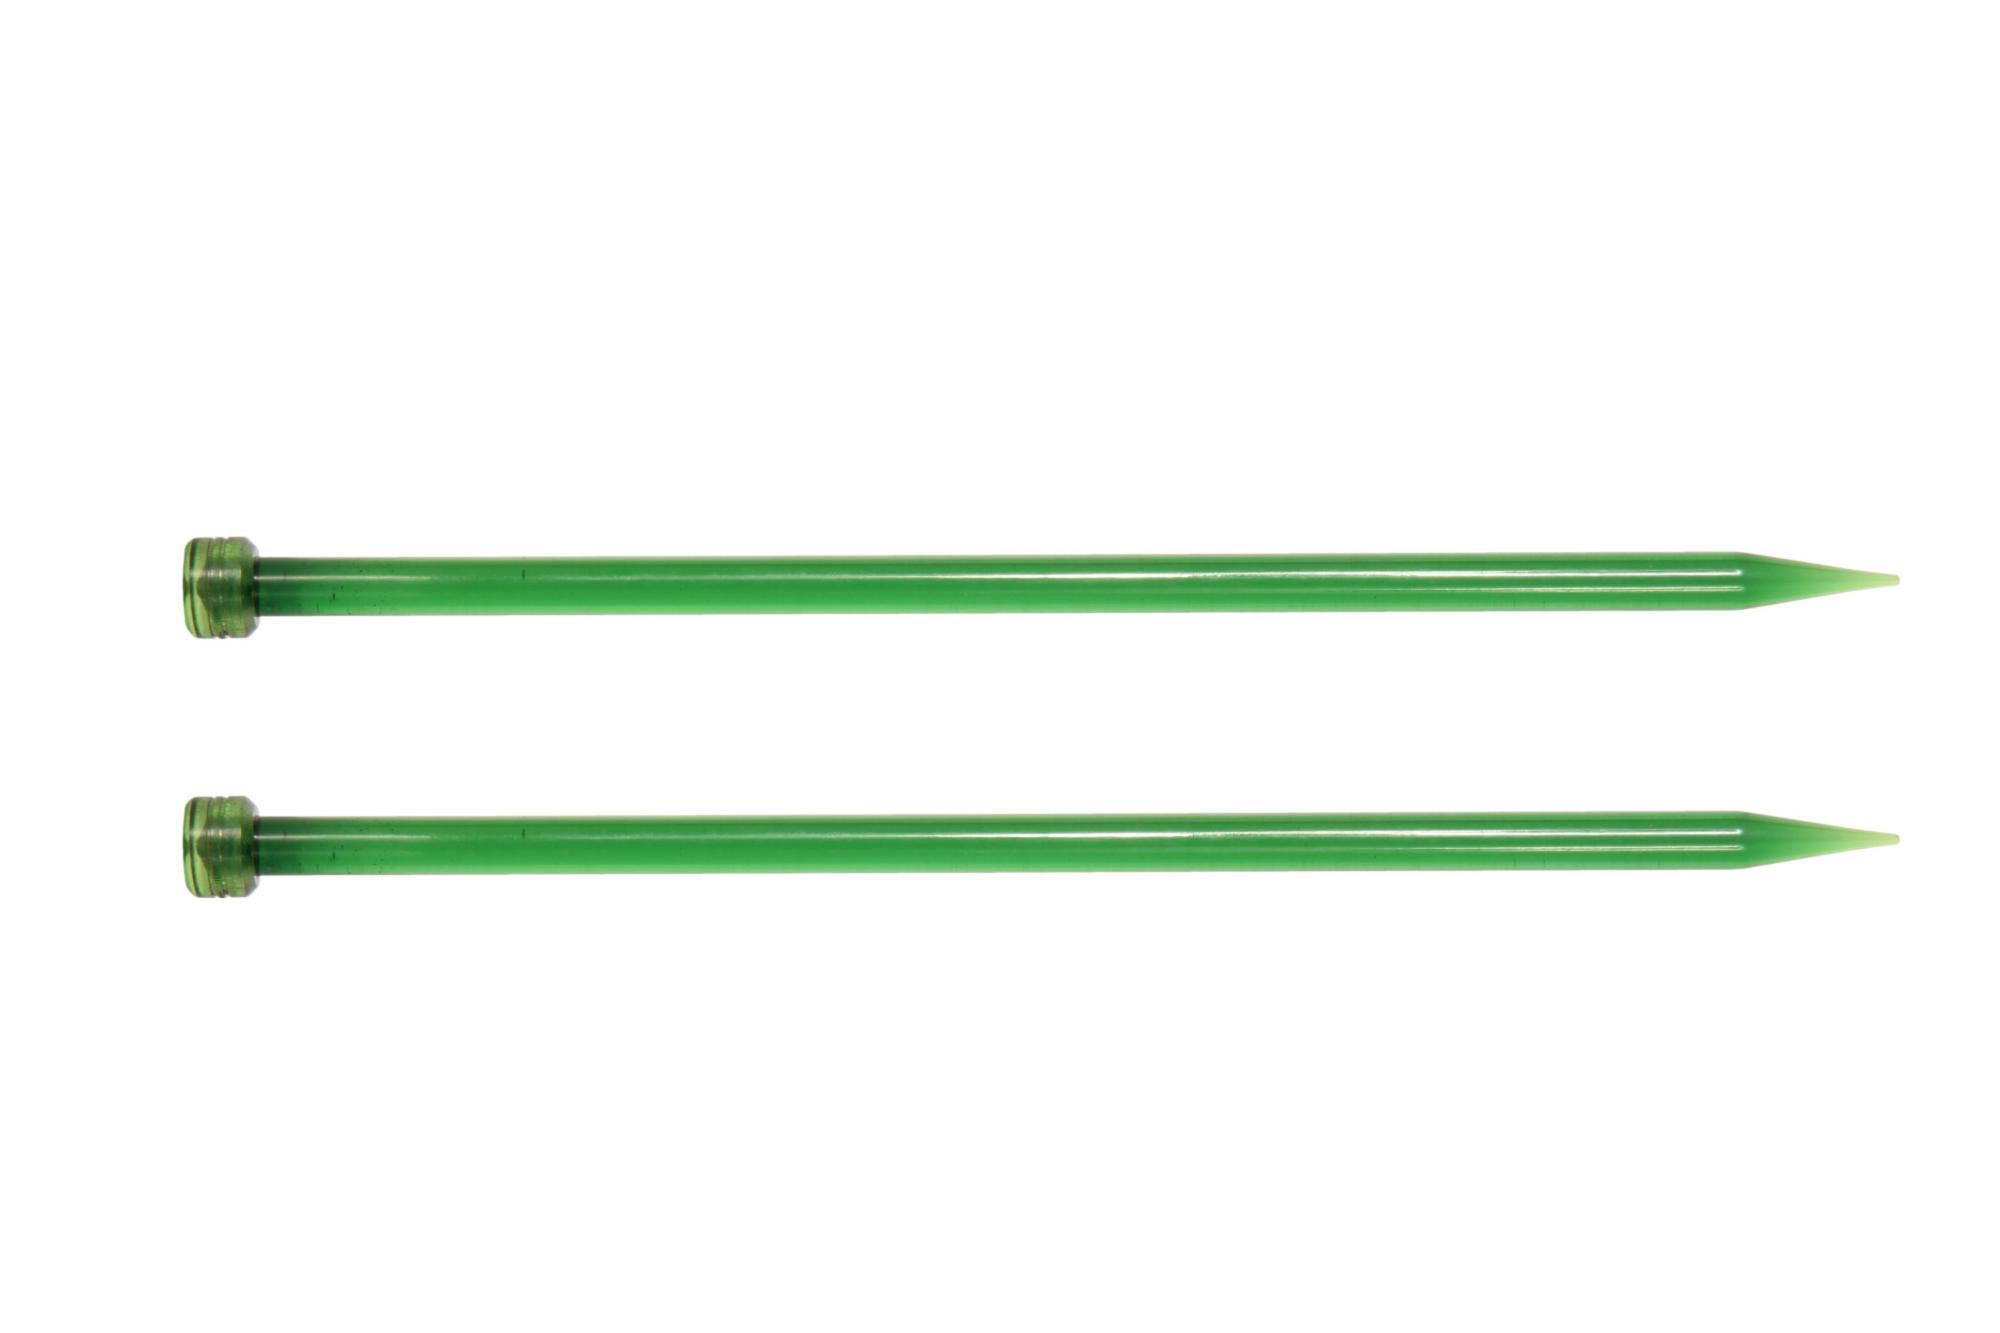 Спицы прямые 25 см Trendz KnitPro, 51172, 4.50 мм